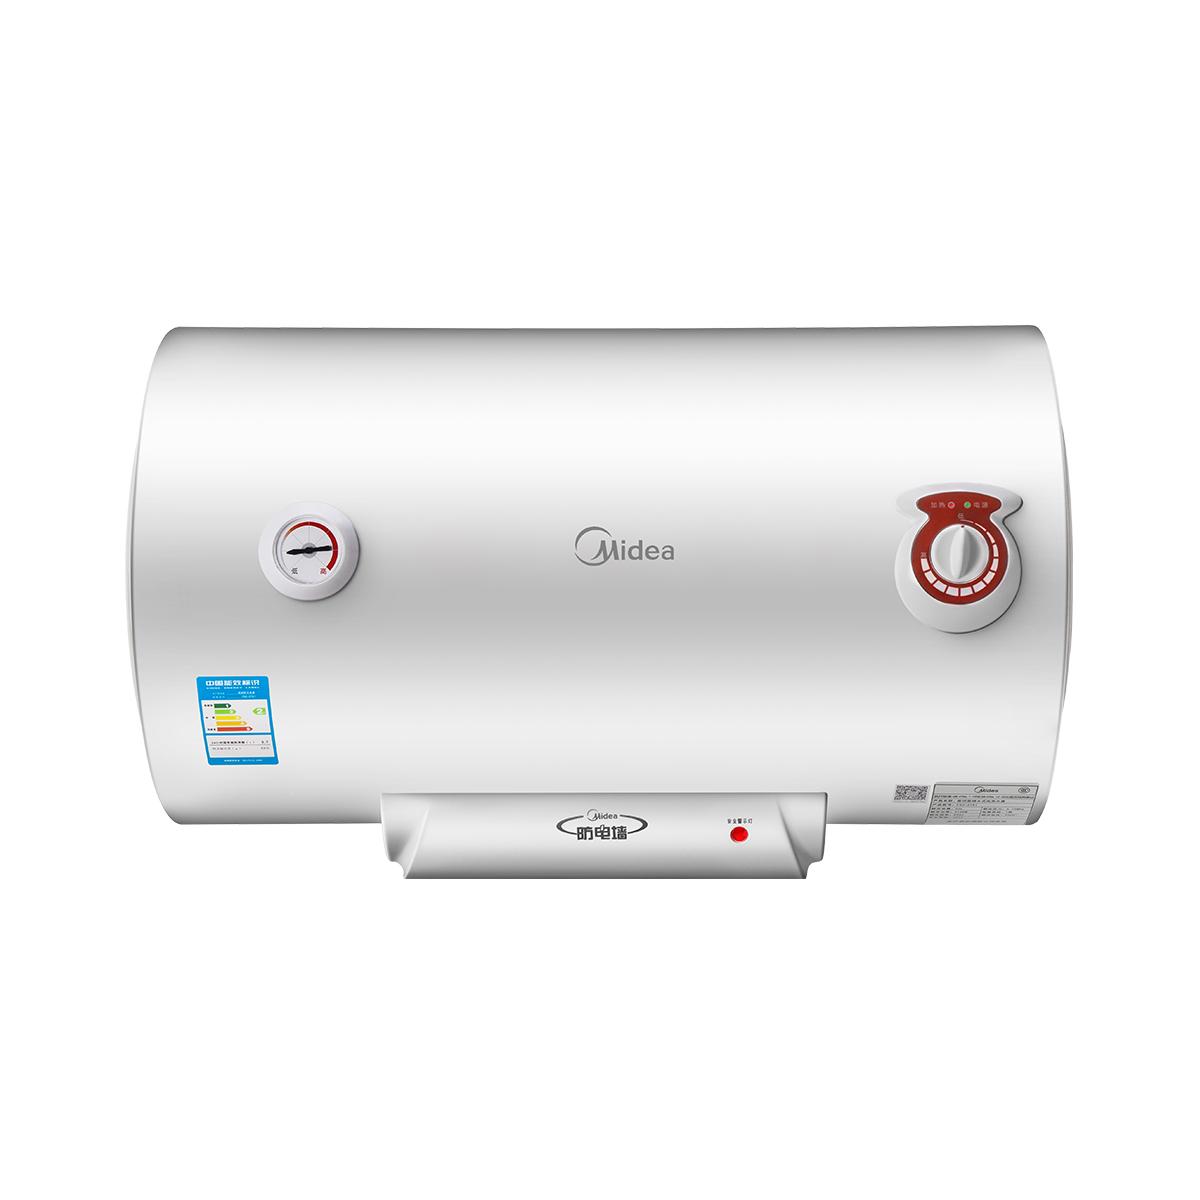 Midea/美的 F60-21S1电热水器 说明书.pdf